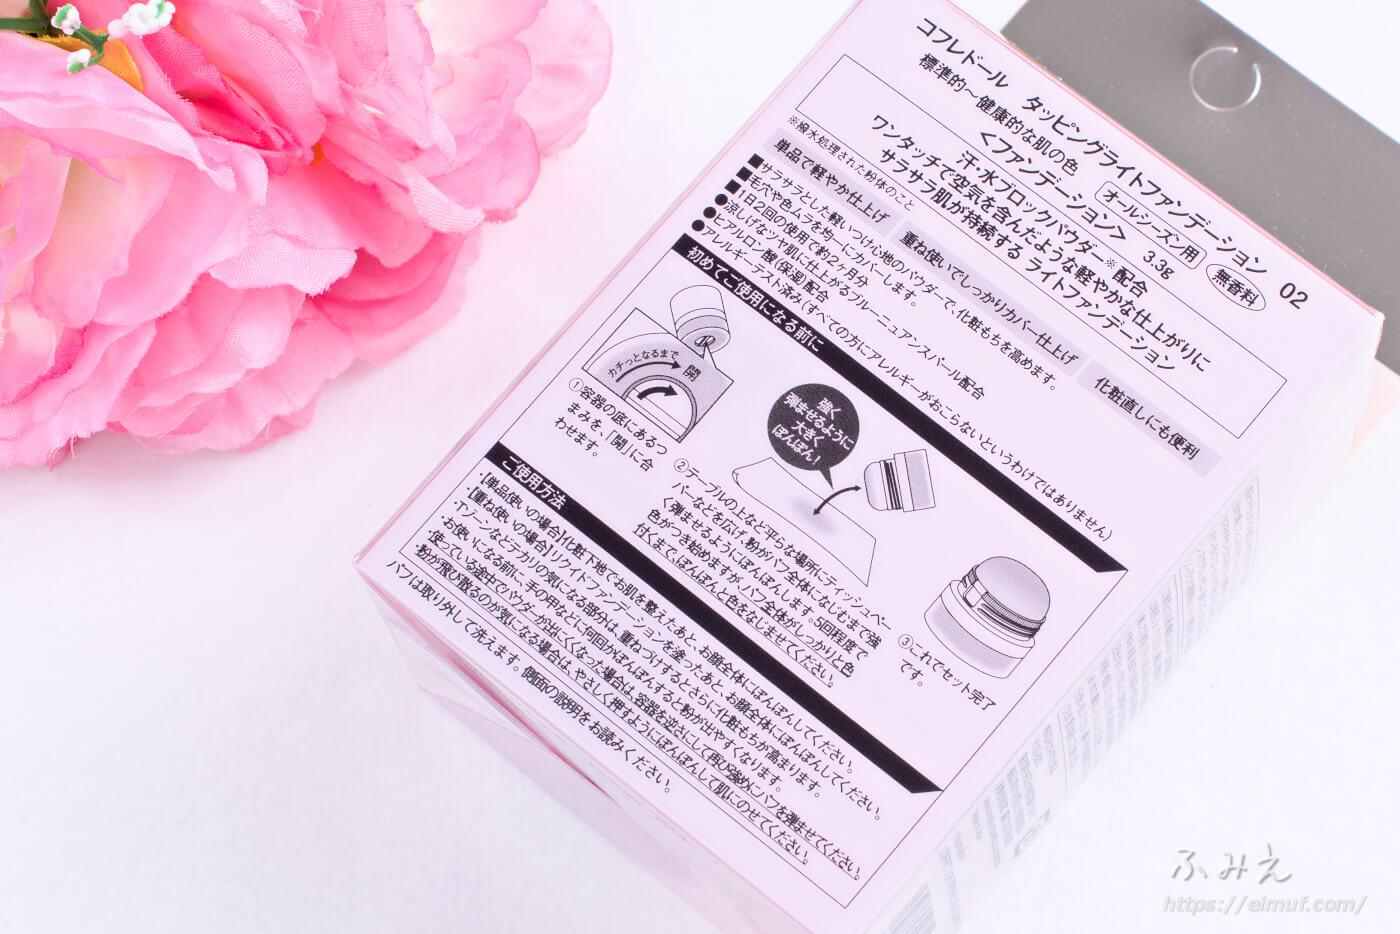 コフレドール タッピングライト ファンデーション #標準的~健康的な肌の色 パッケージ裏面